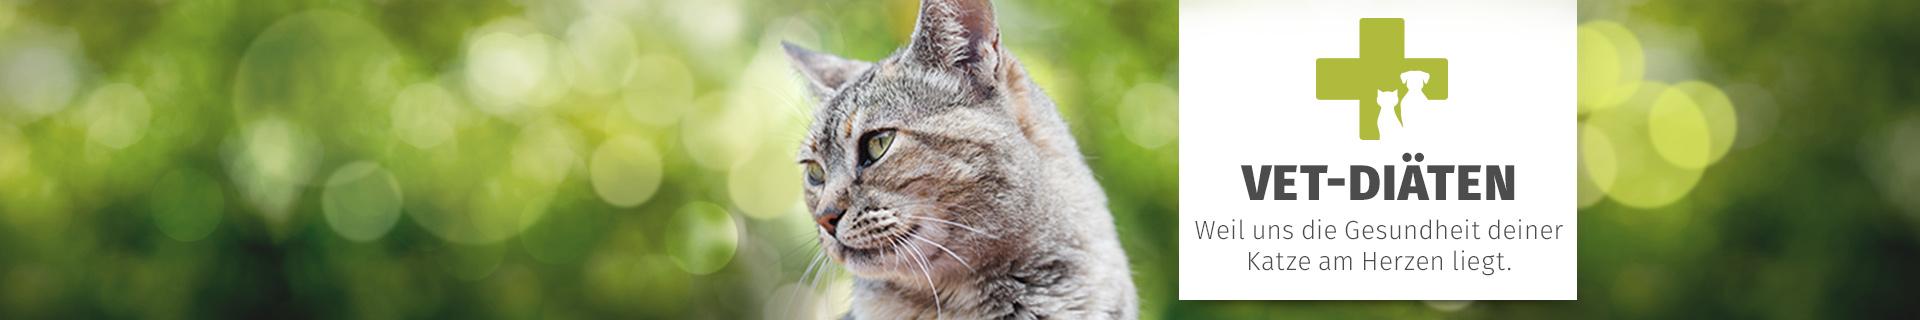 Diätfutter für Katzen